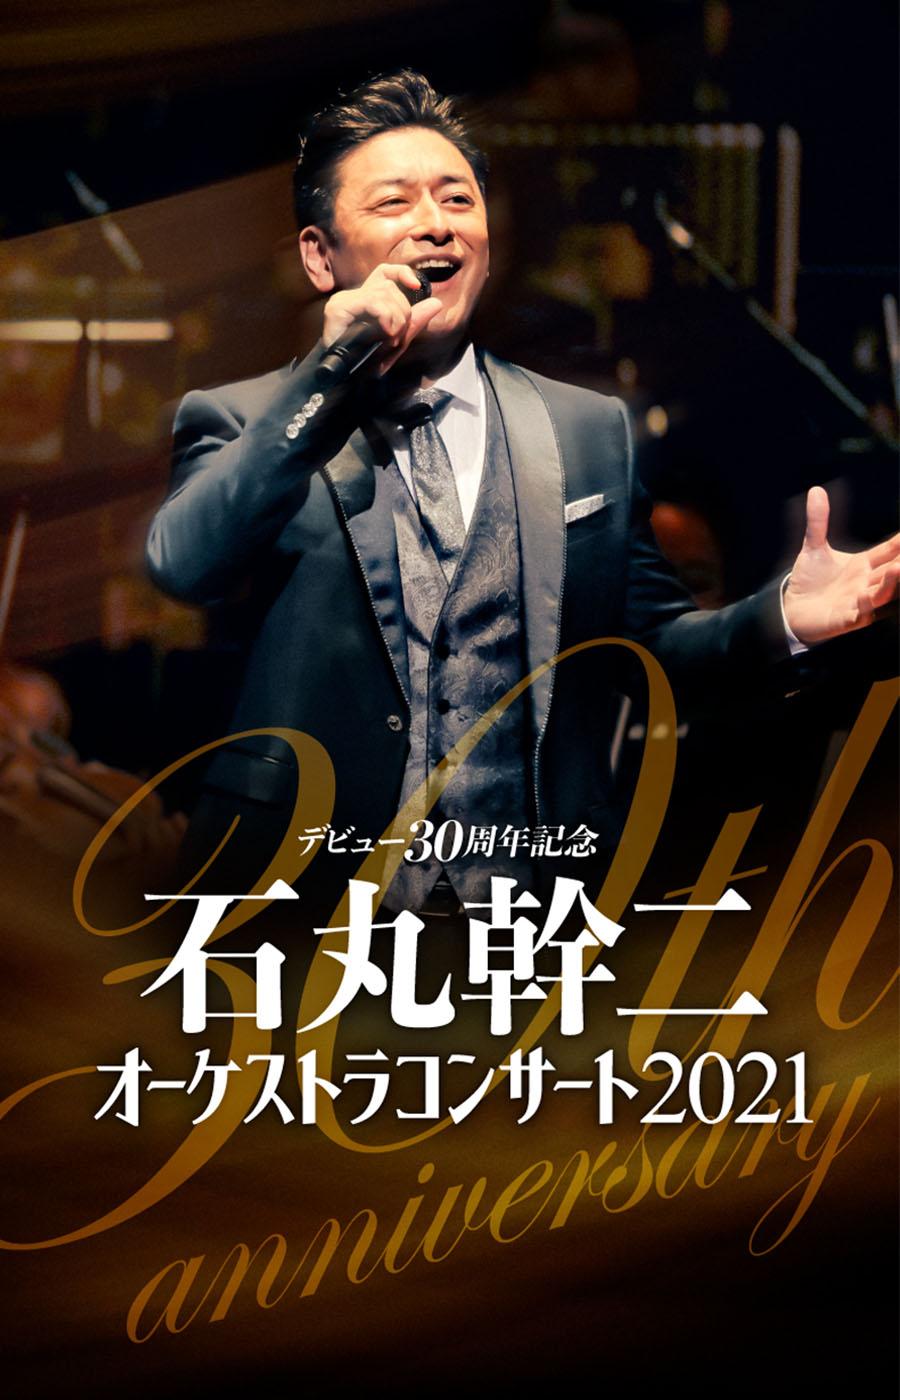 オーケストラコンサート2021